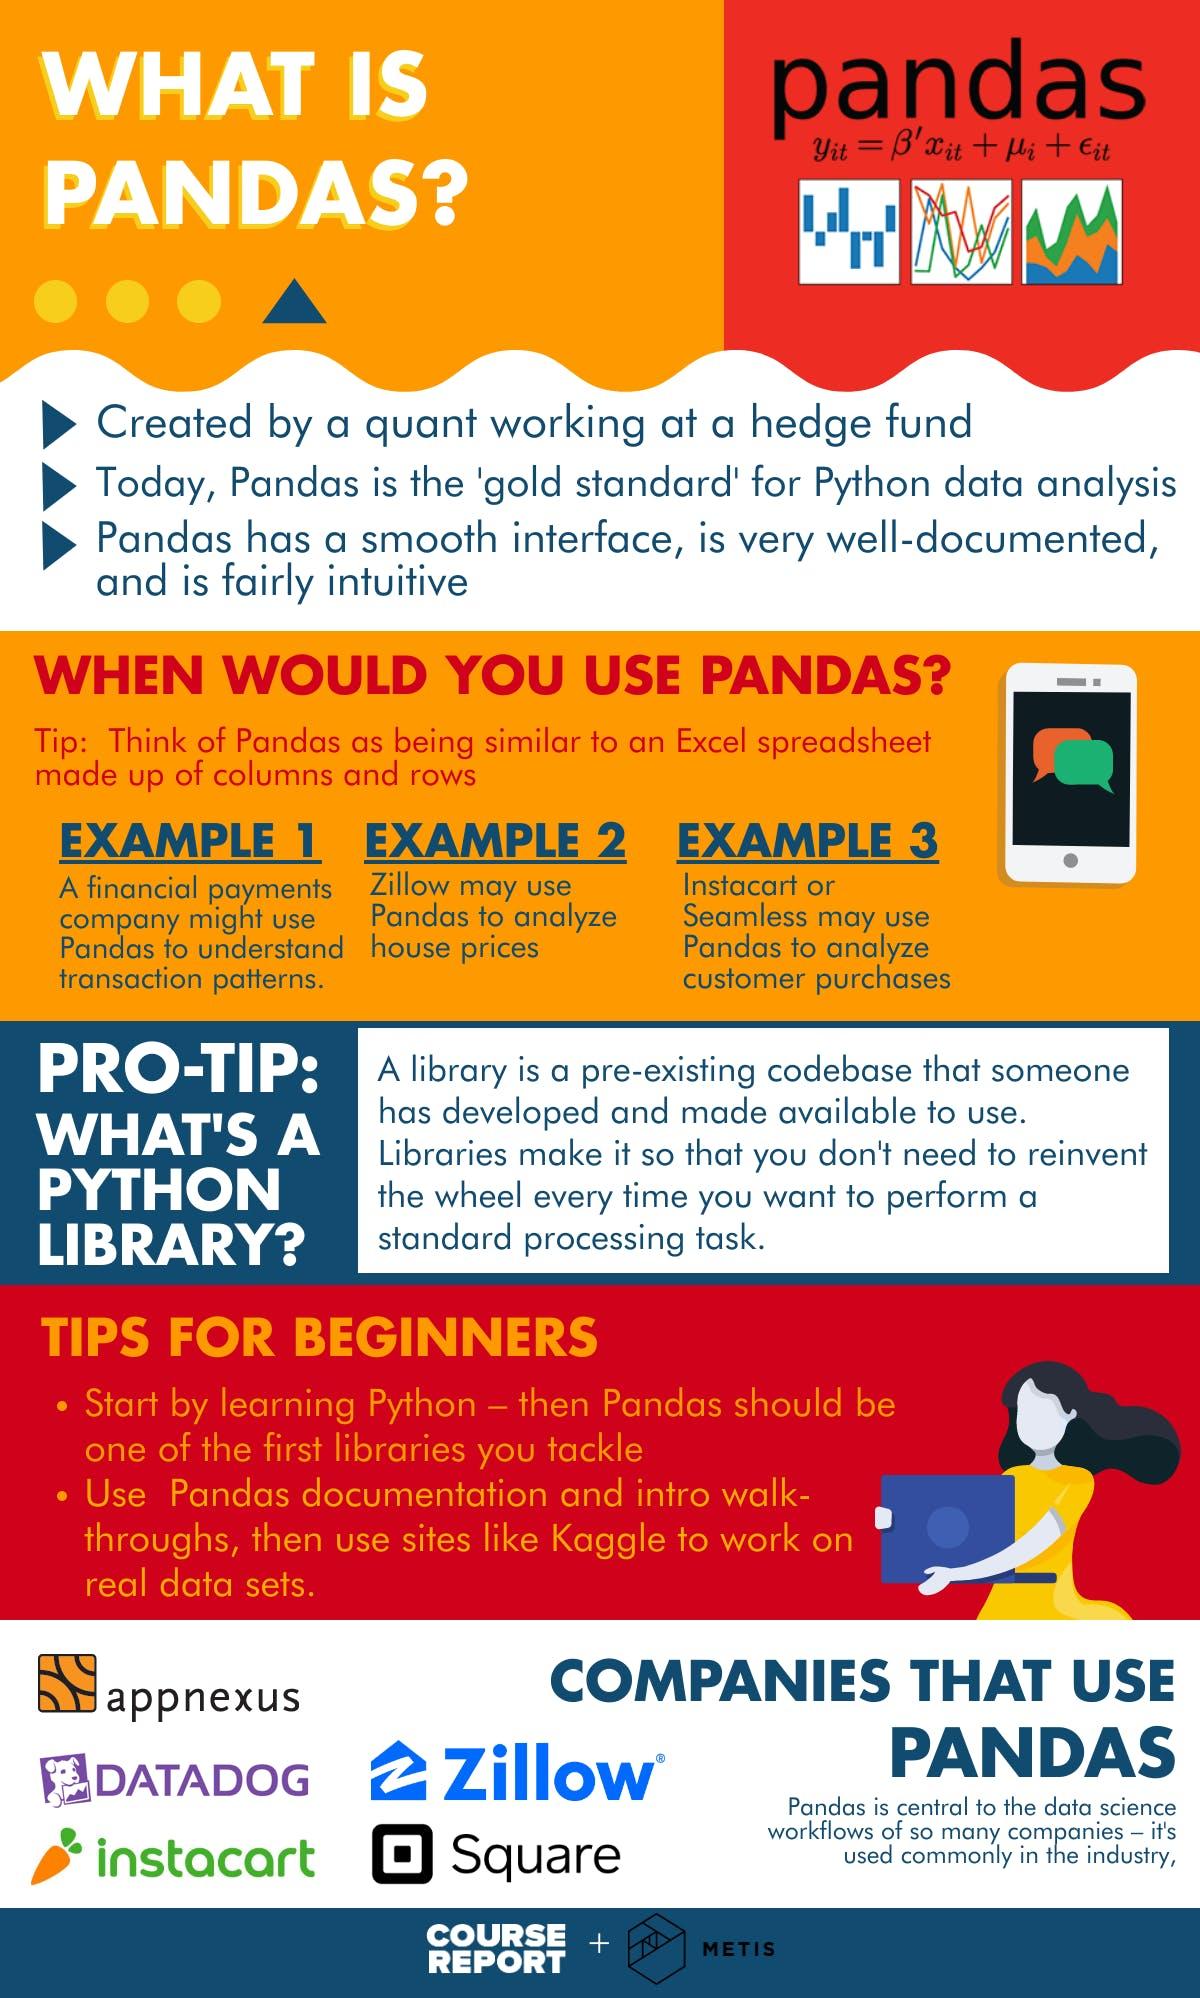 Pandas guide infographic metis